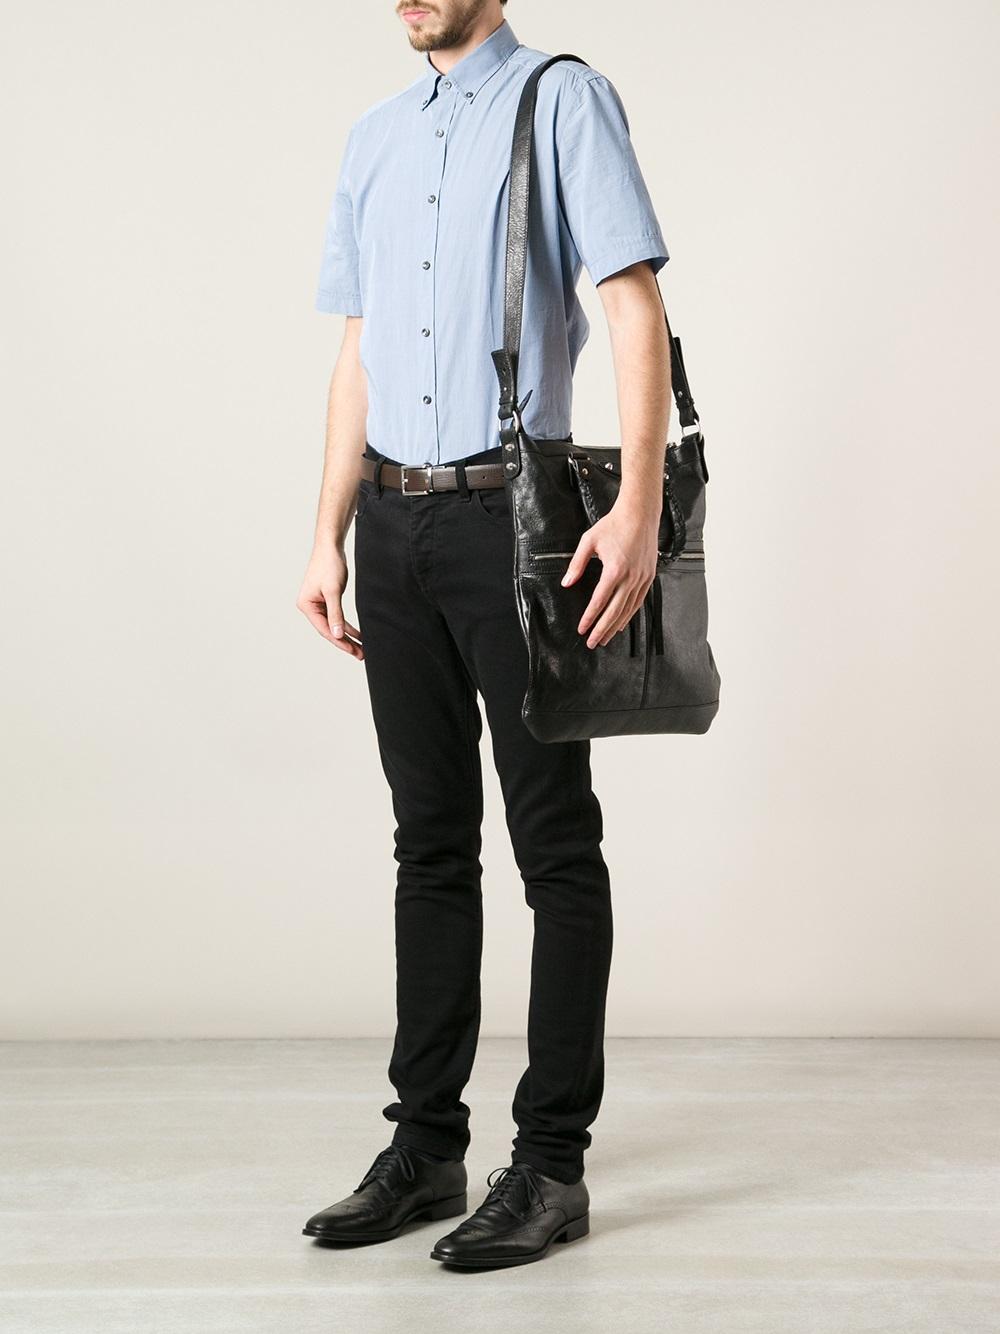 Balenciaga Mens Bags – TrendBags 2017